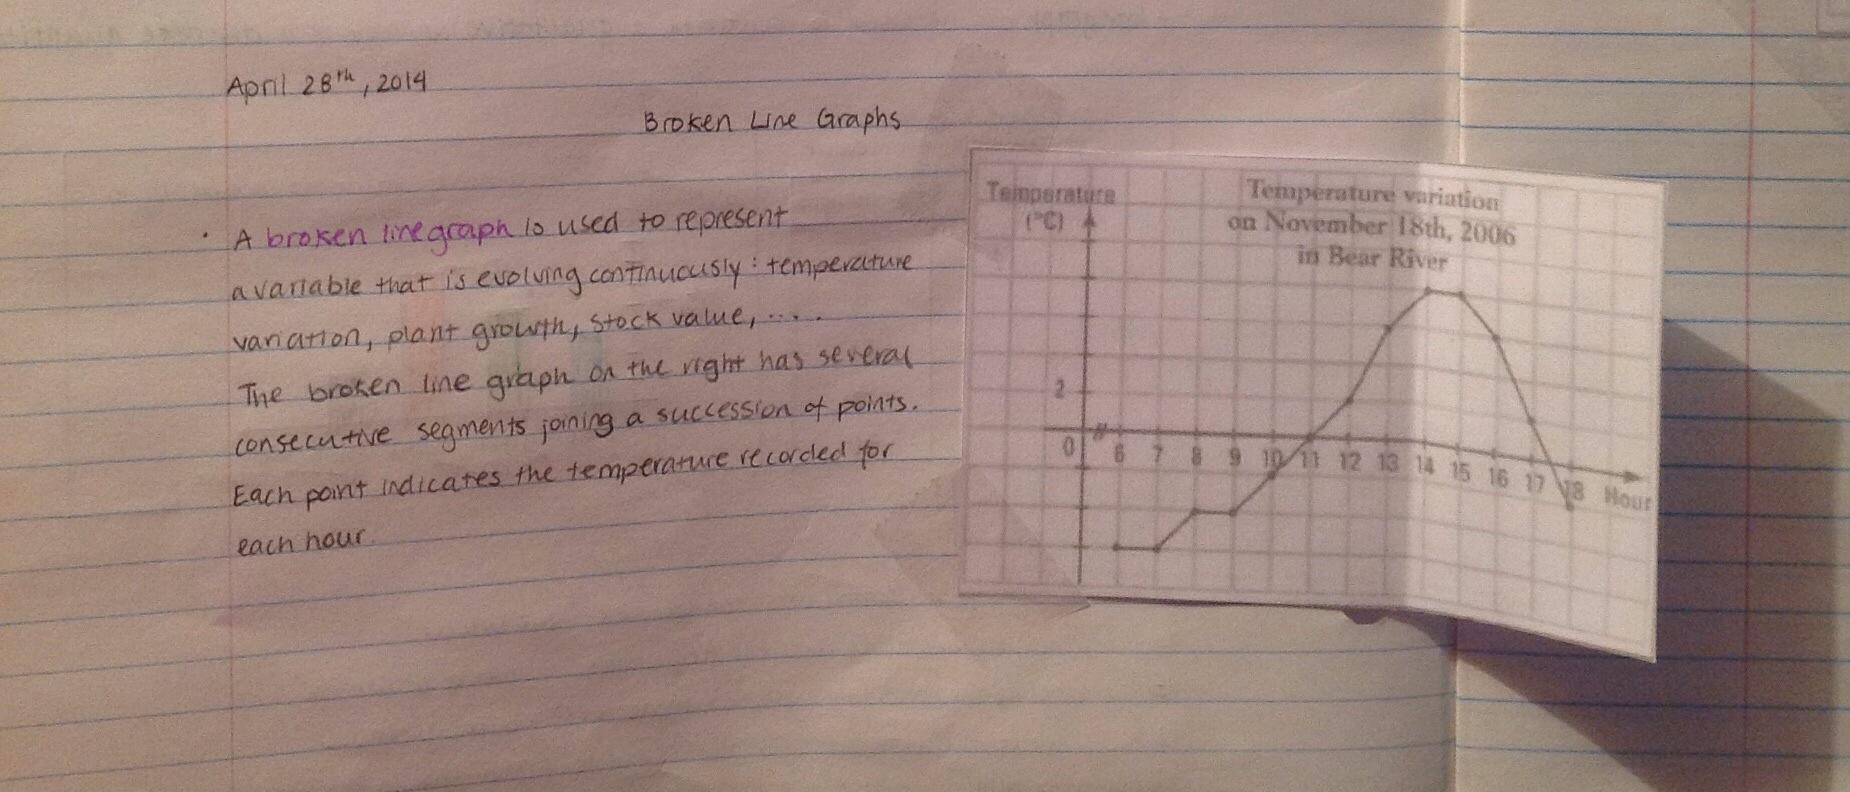 Broken Line Graphs